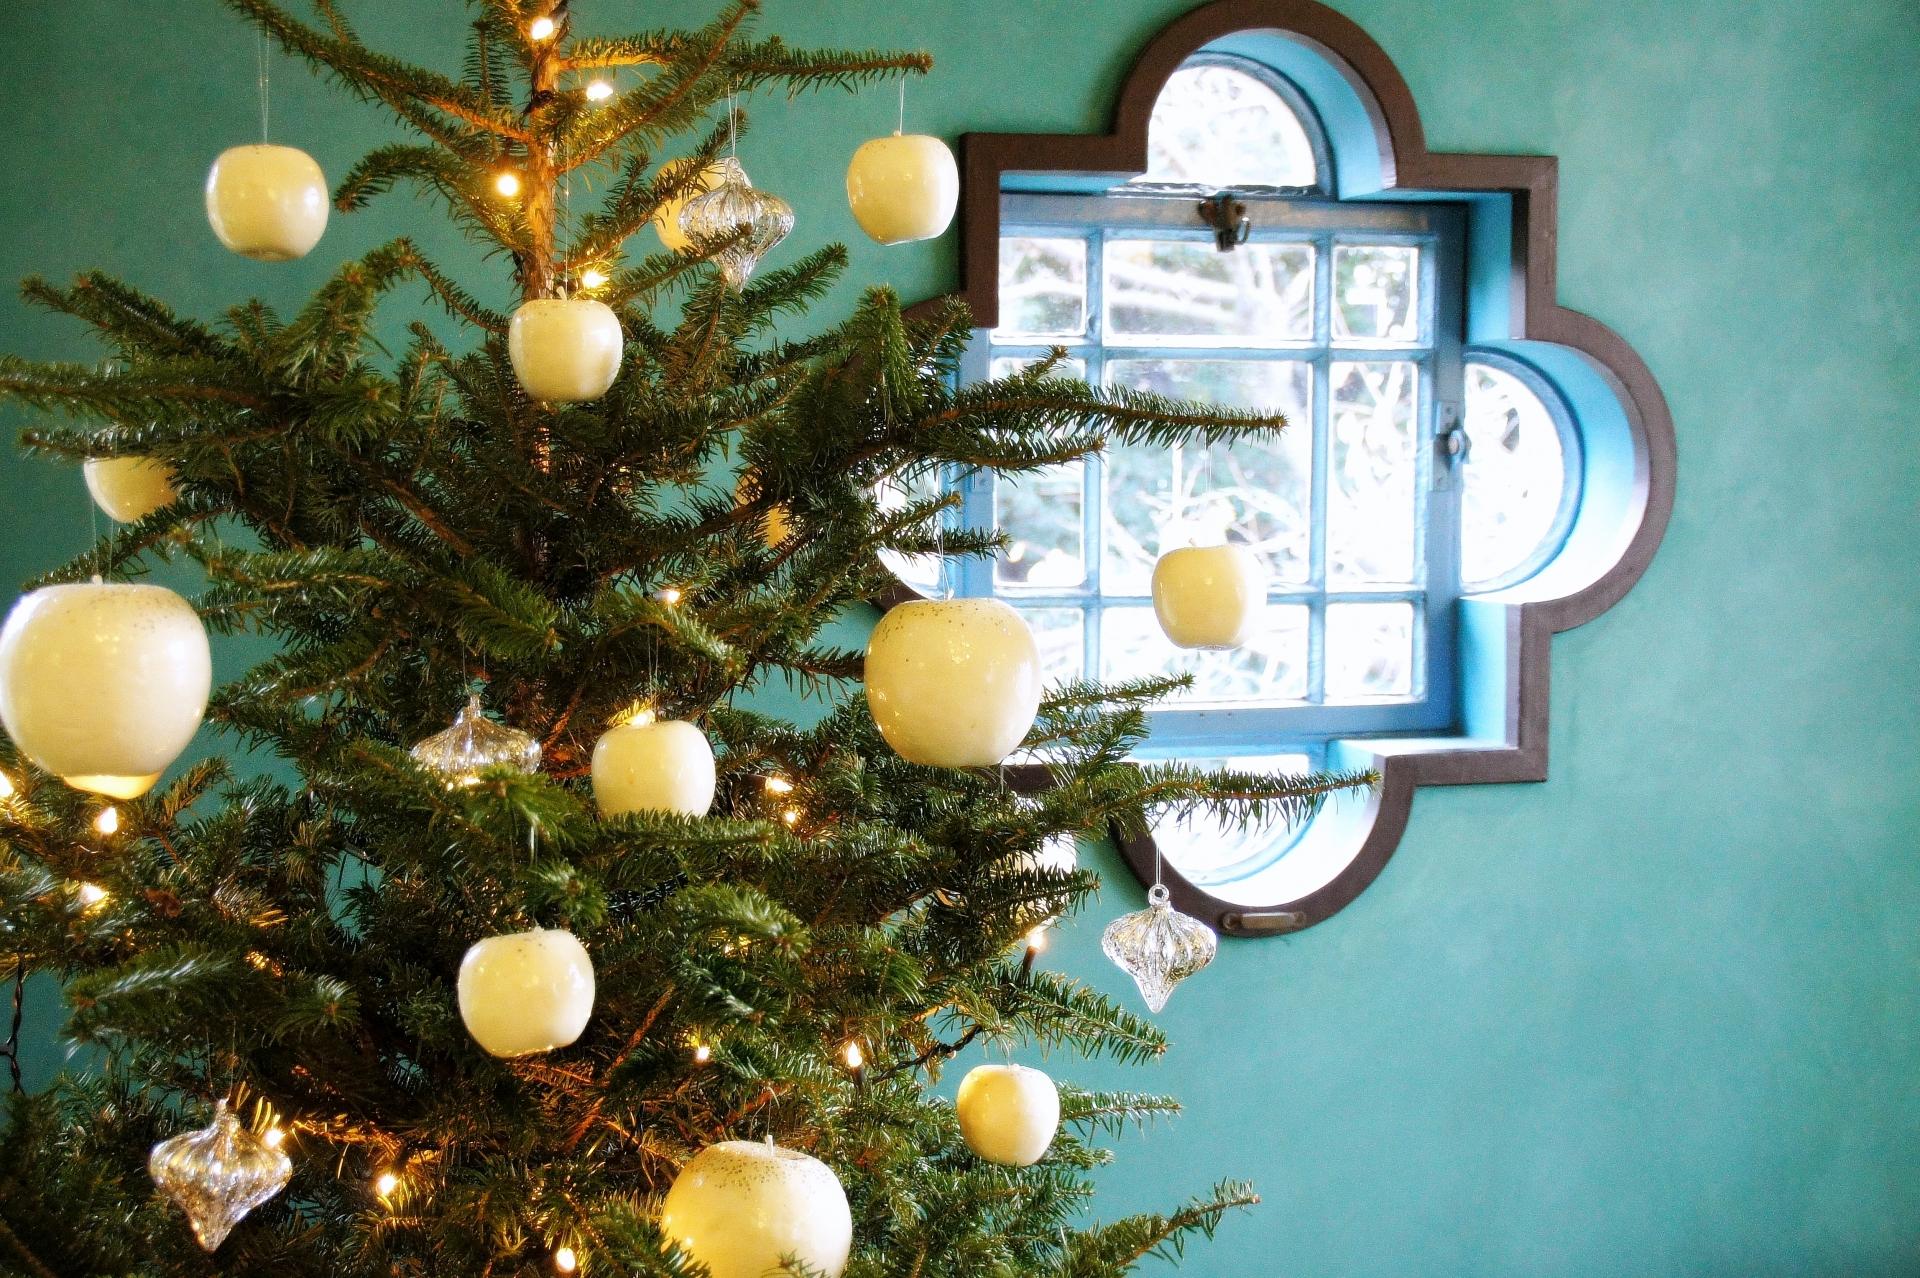 クリスマスツリーの起源や由来は?飾りにも意味があるってホント?